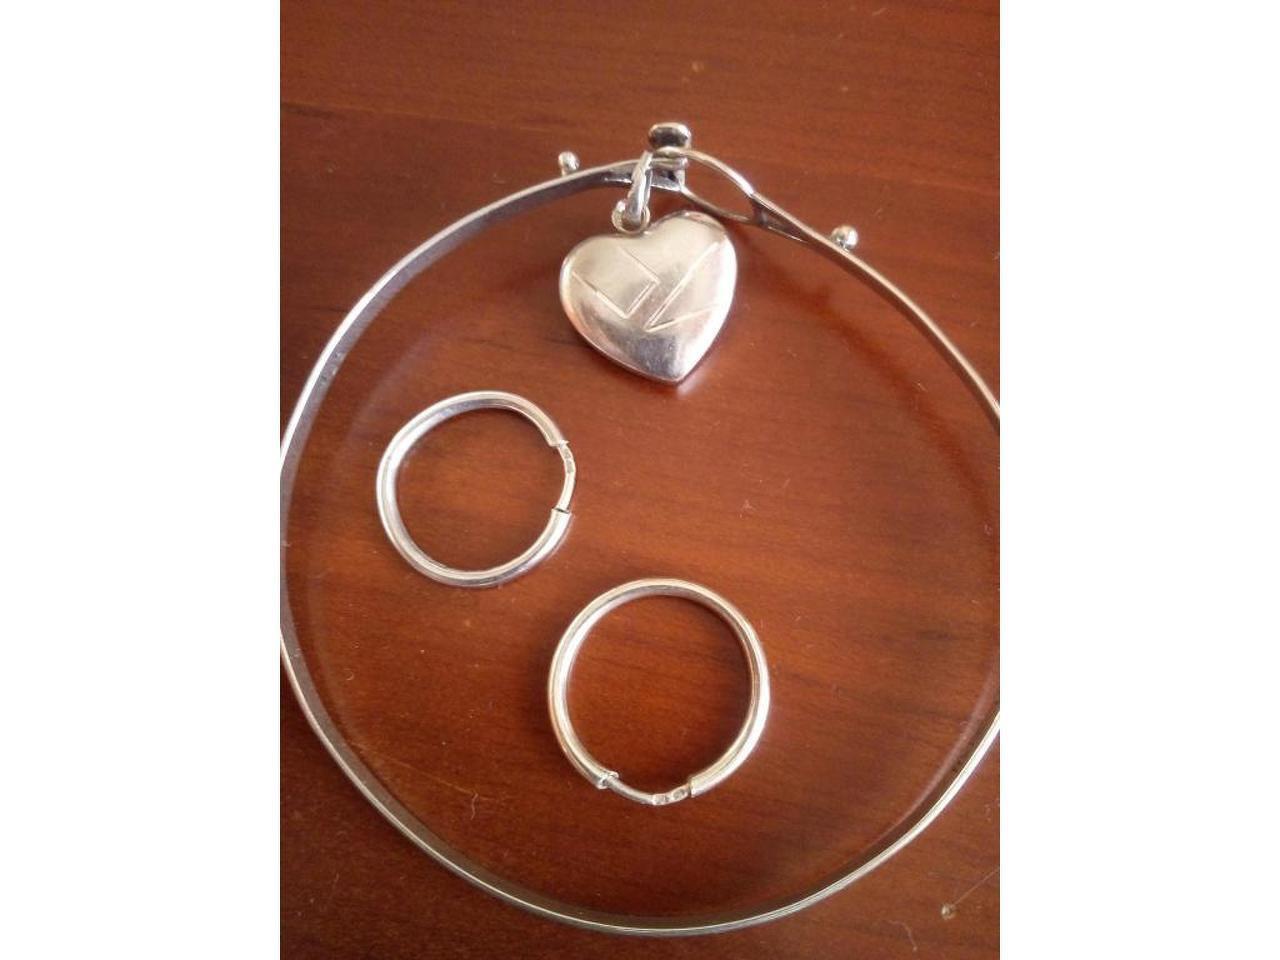 Conjunto: Pulseira, pendente/berloque  e argolas, em prata de lei. - 3/4